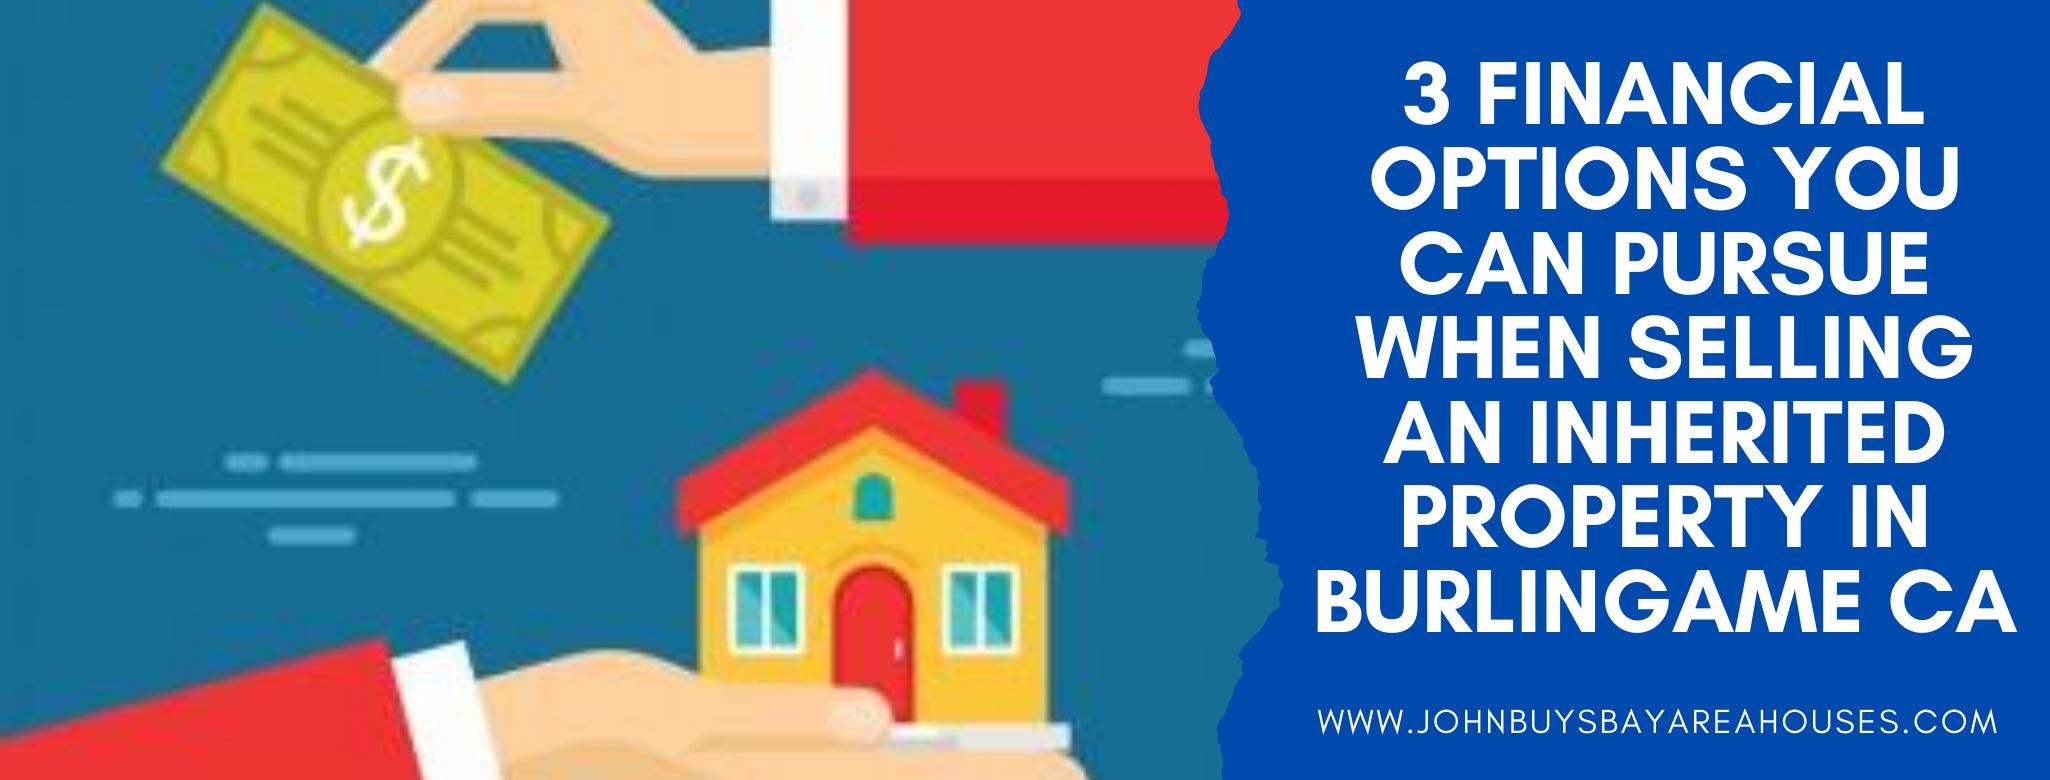 We buy properties in Burlingame CA